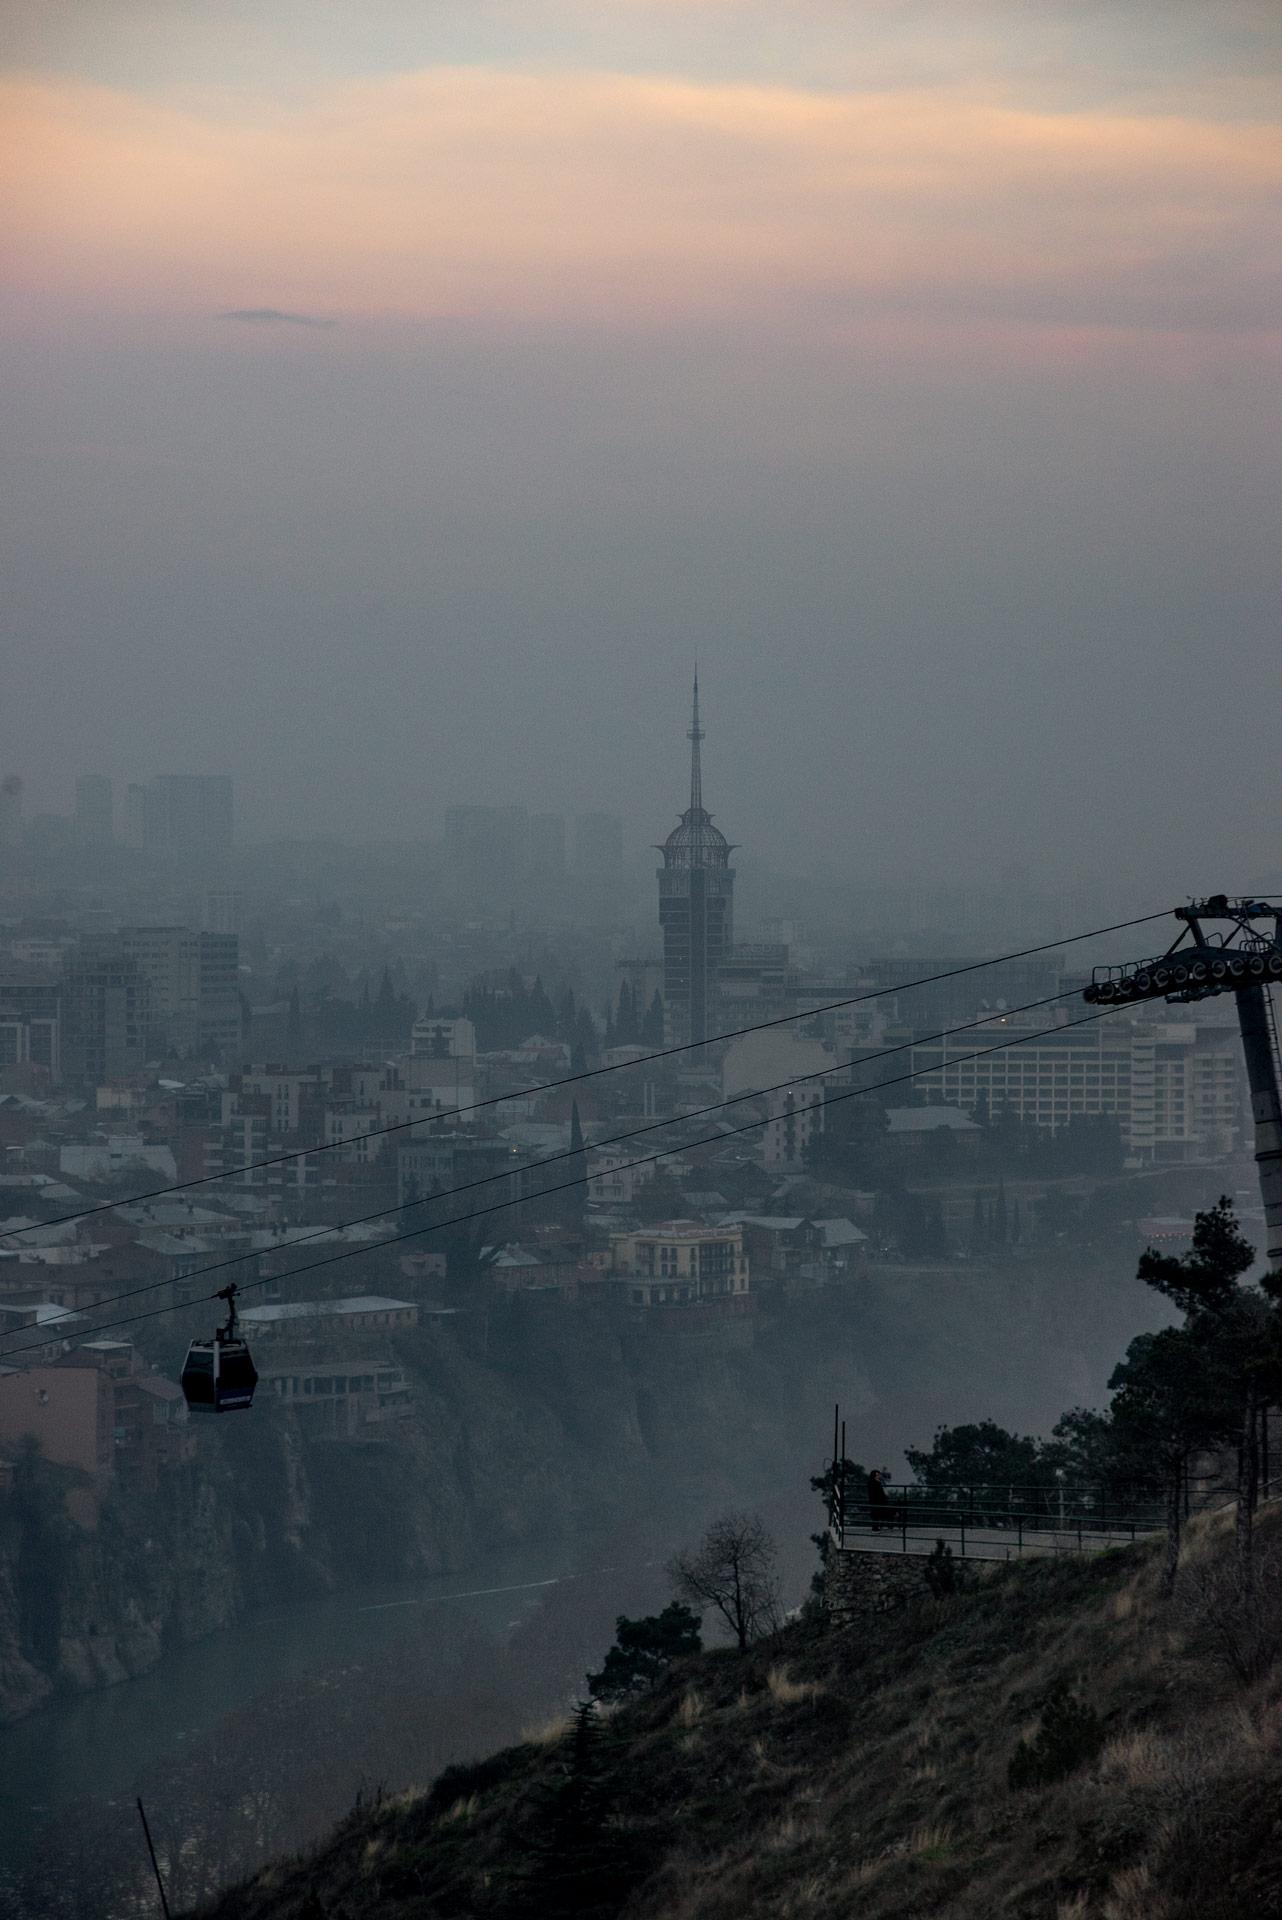 Tbilisi at dusk.